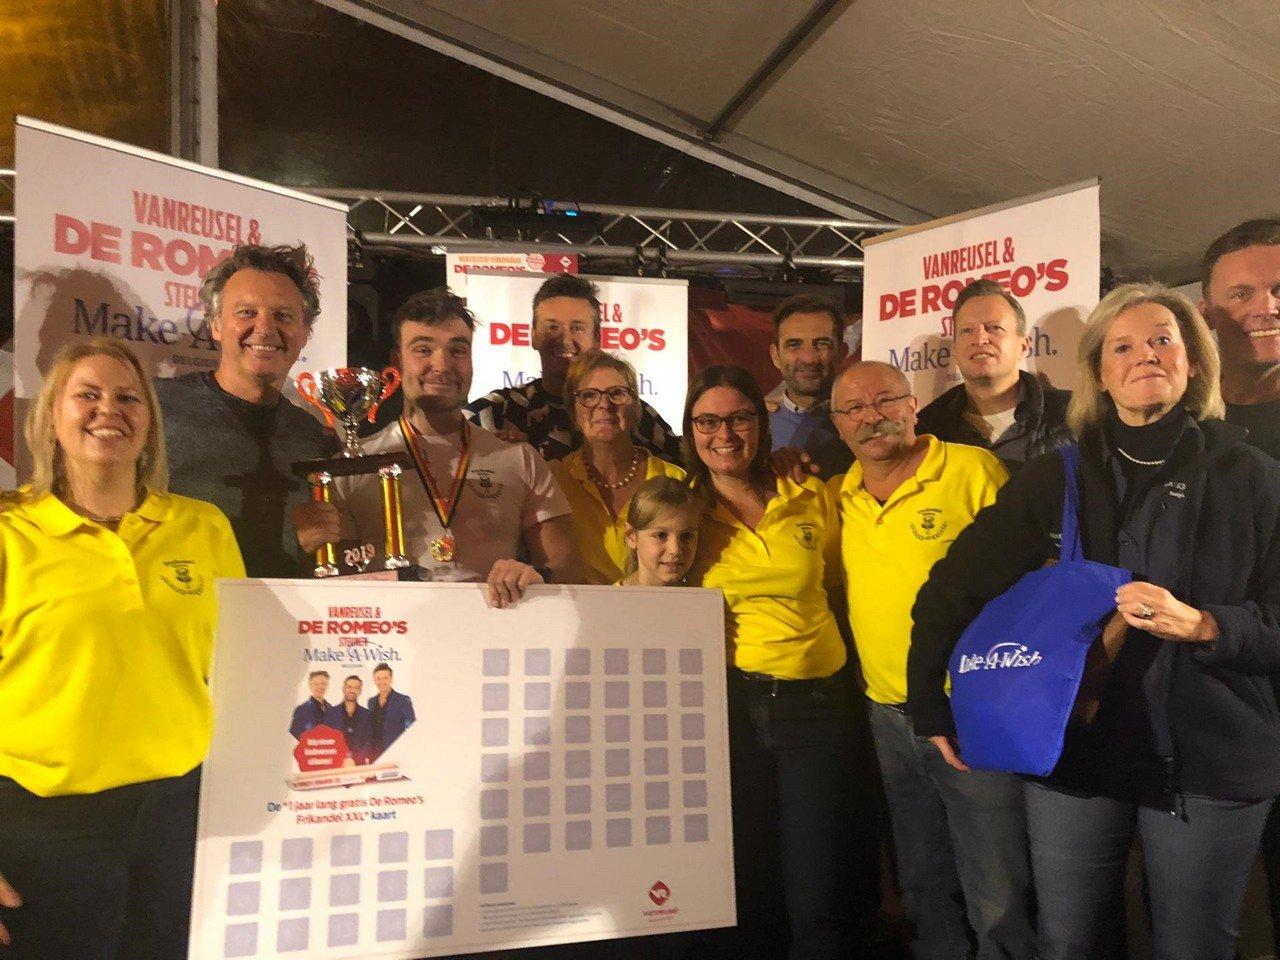 Rik Nauwelaerts is de eerste Belgische kampioen 'De Romeo's Frikandel XXL'-eten. - Belgische kampioen 'De Romeo's Frikandel XXL' eten 2019